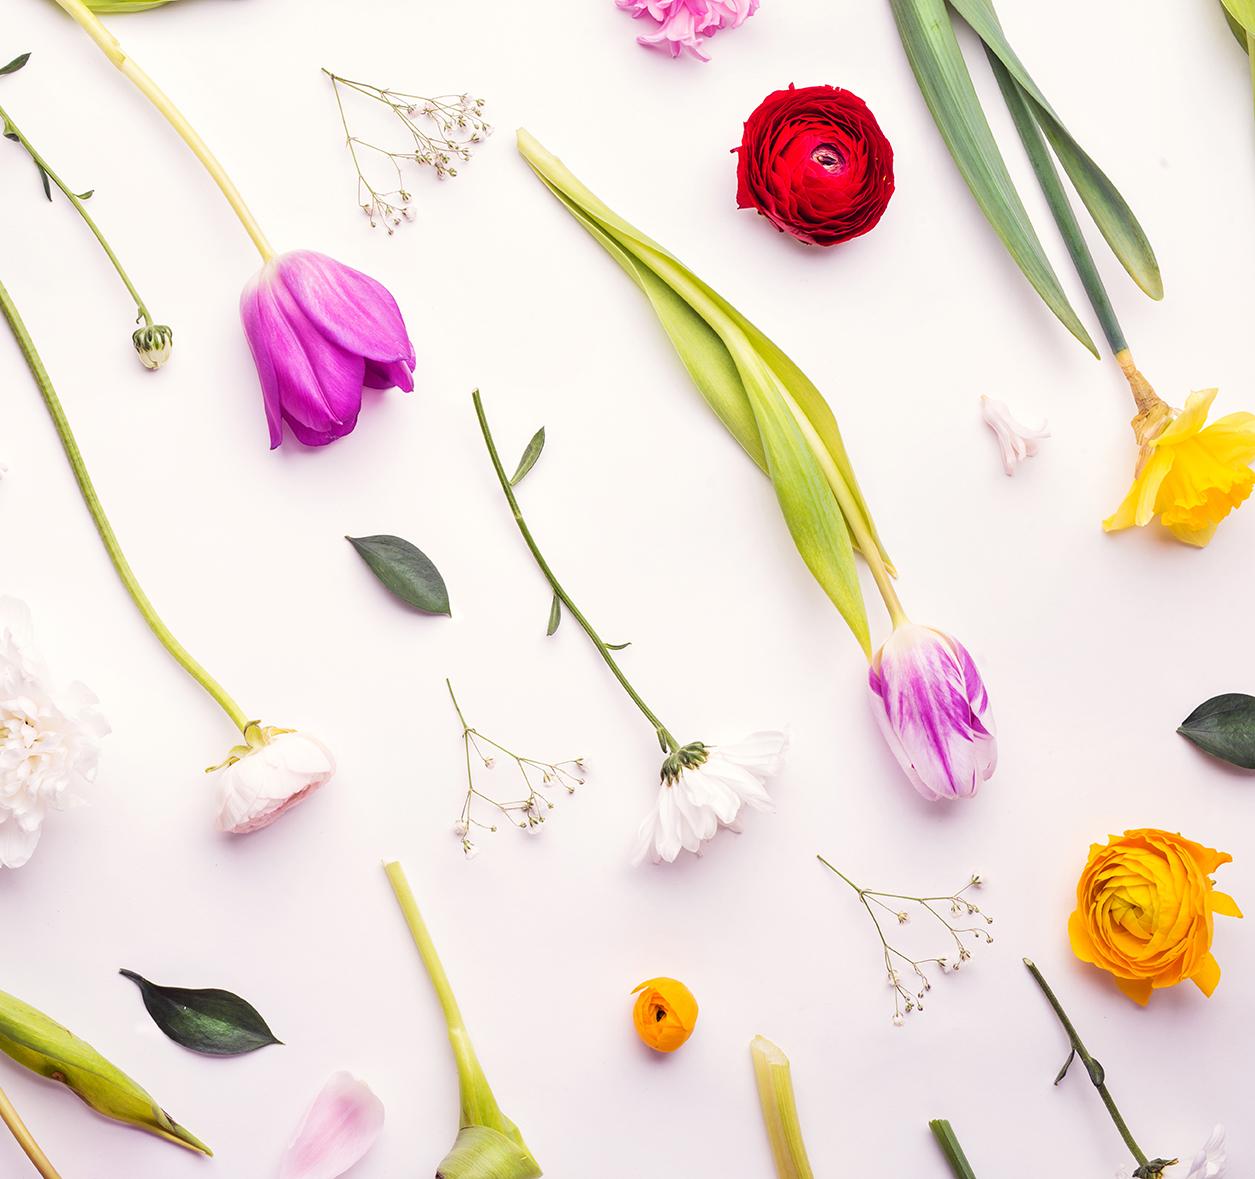 Composizione di fiori a Cortina Cesarino fiorista